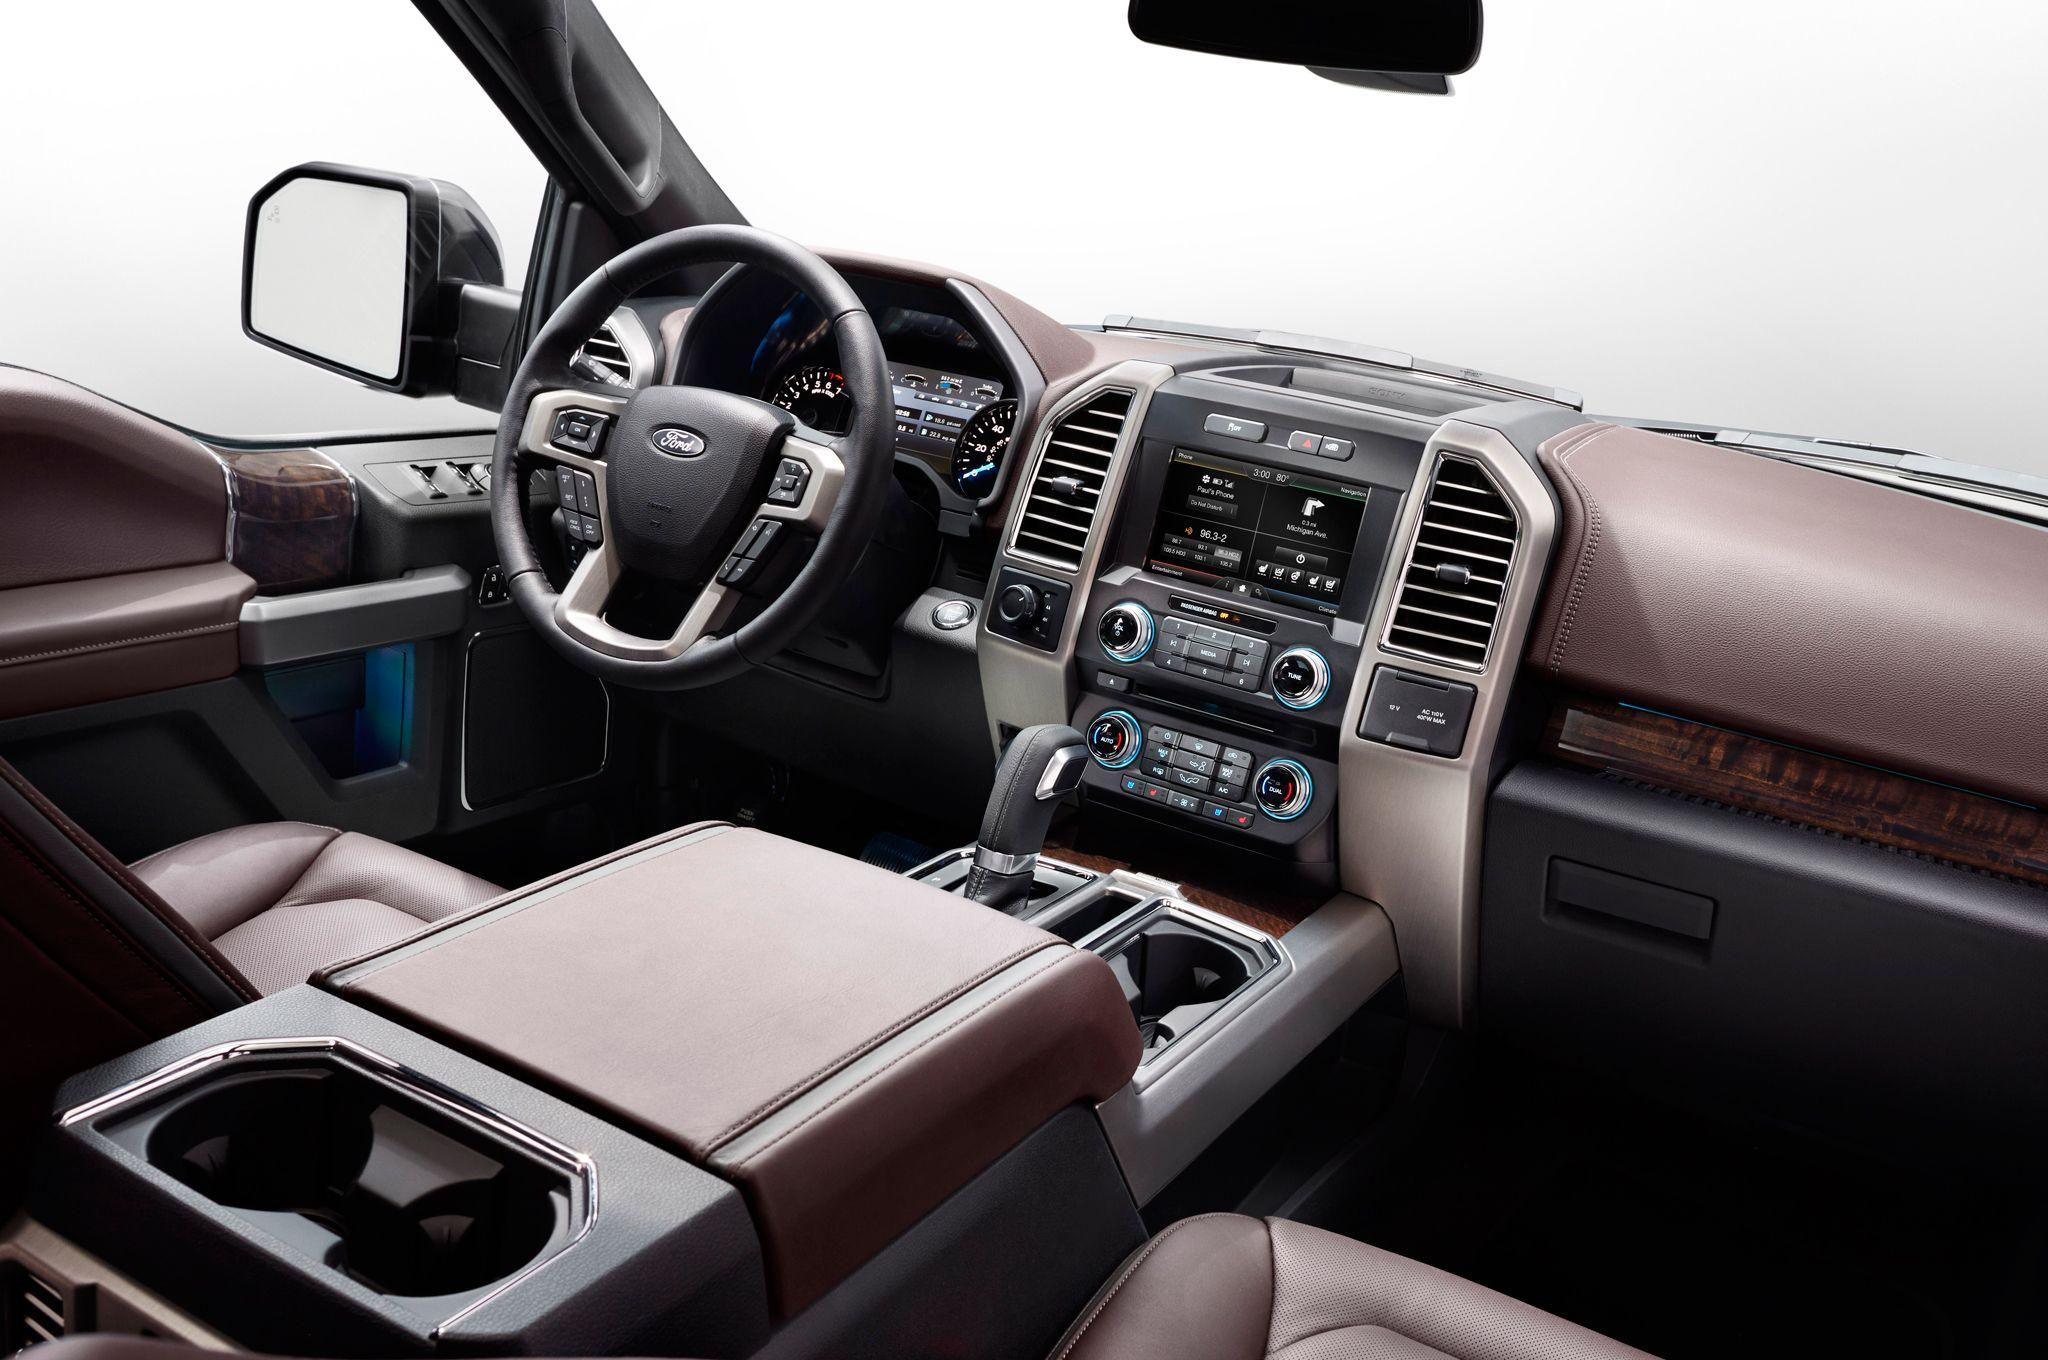 2015 ford f 150 interior